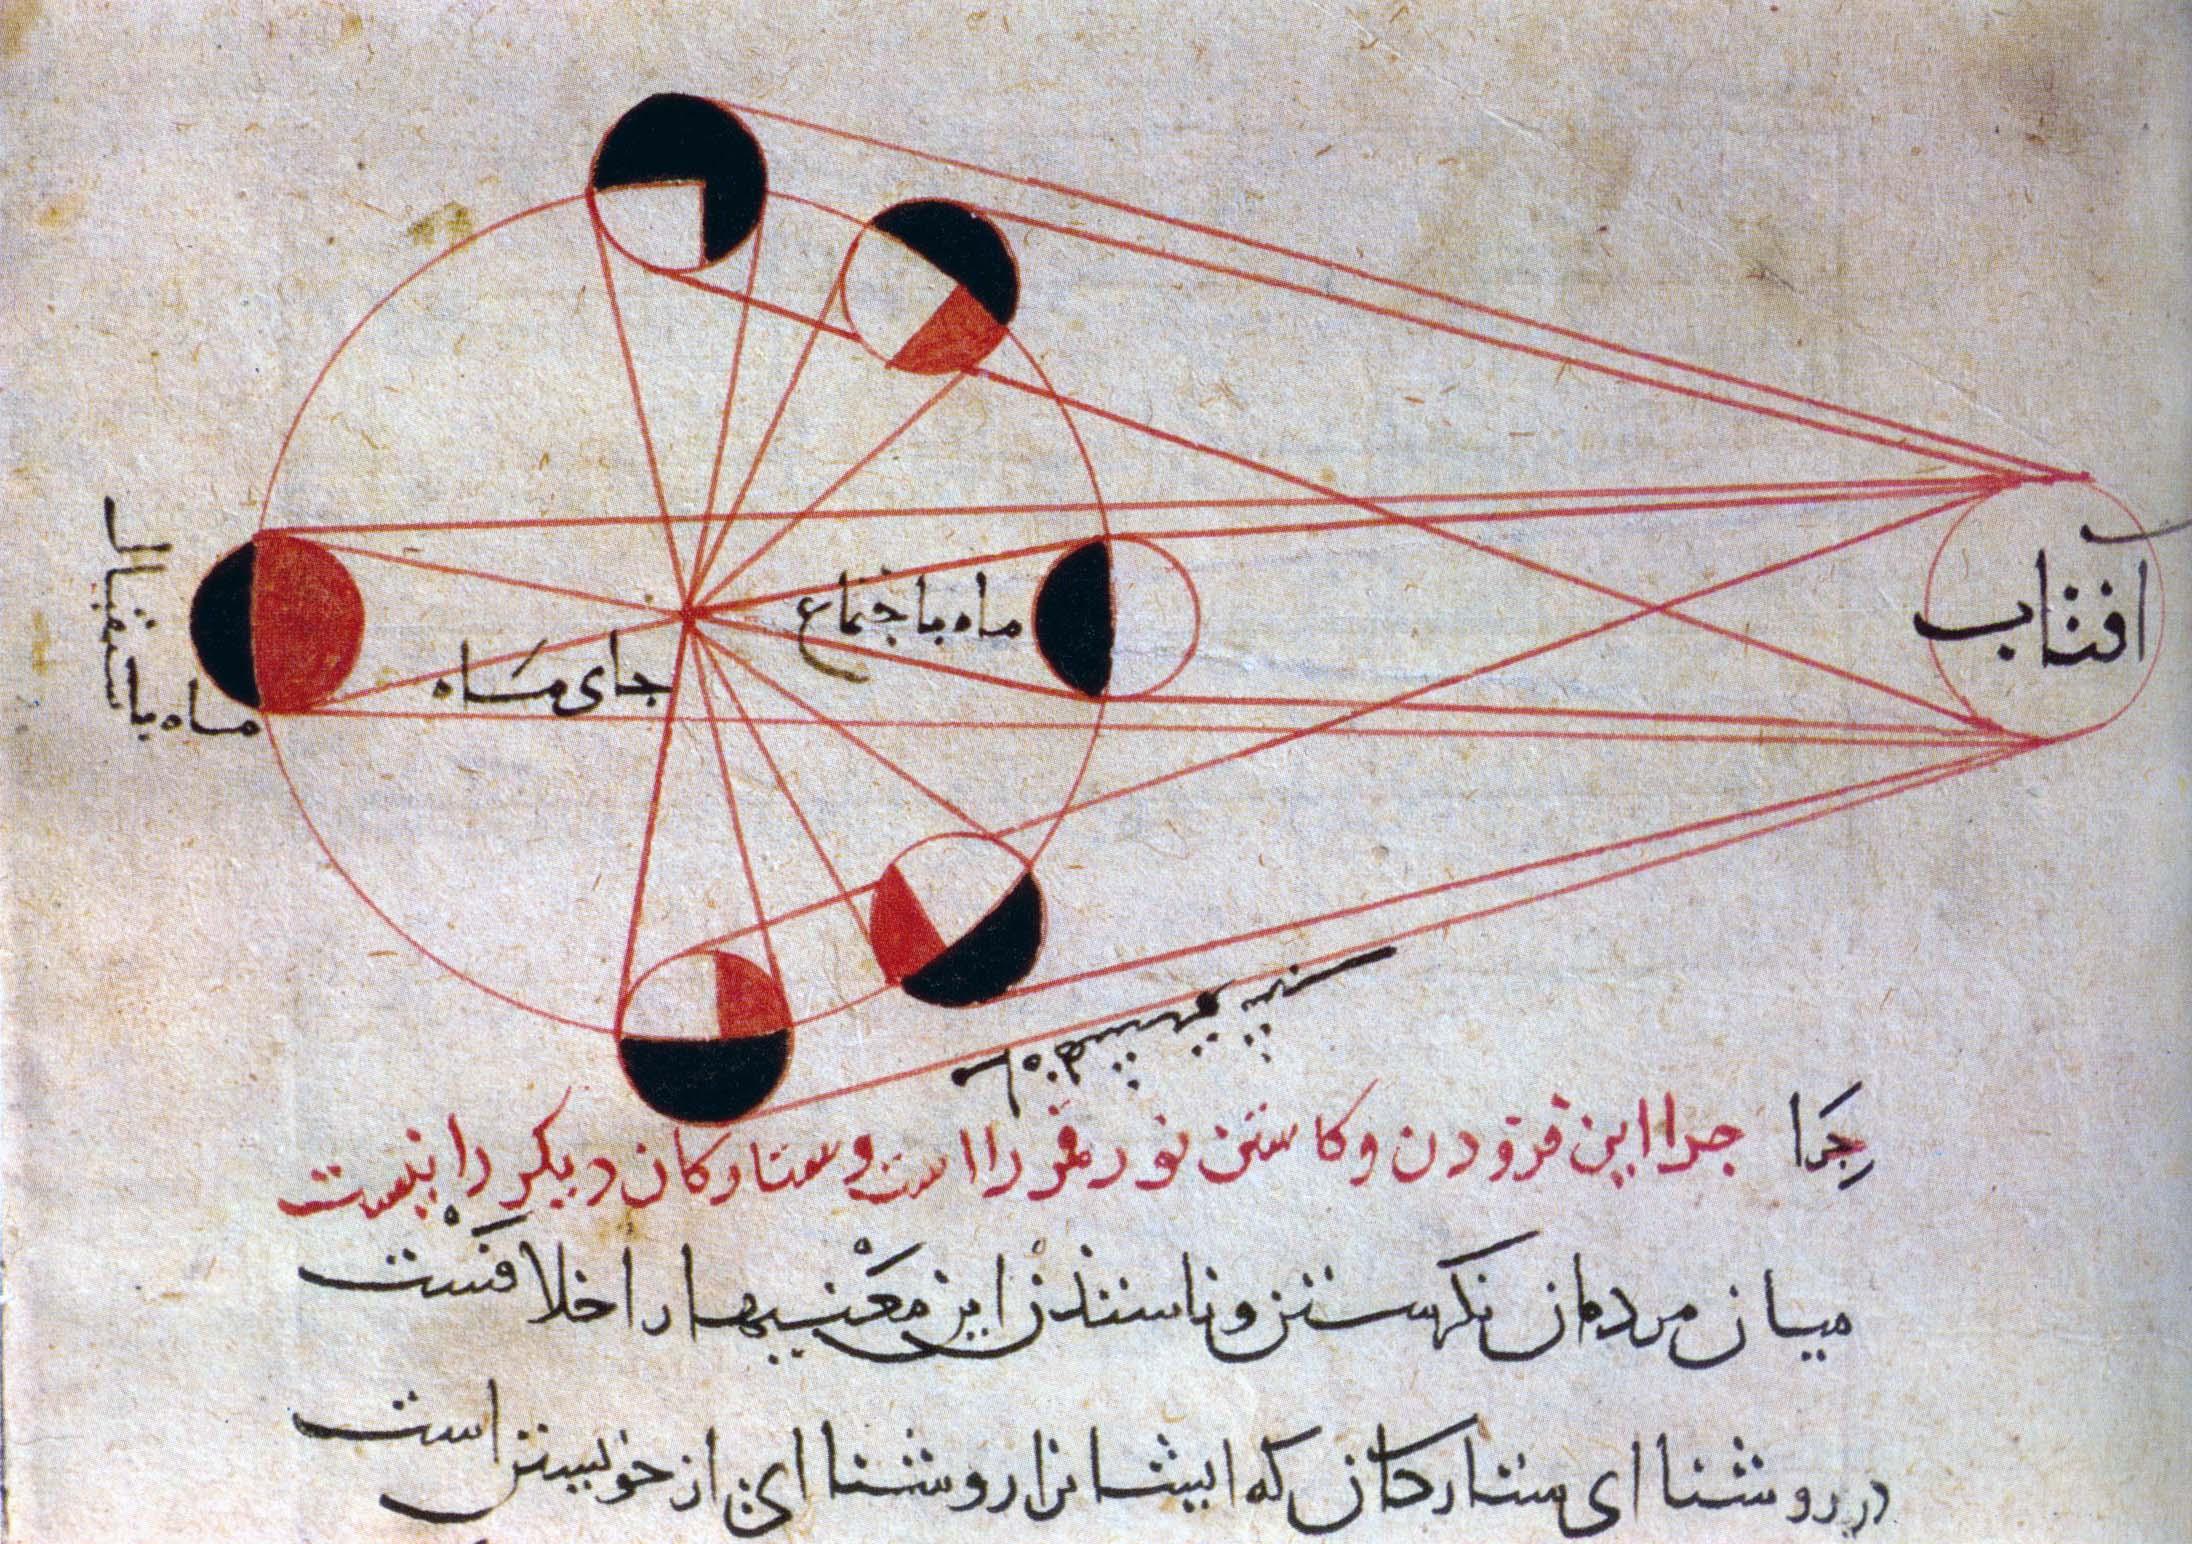 Il 2017 si è concluso e la Terra ha appena cominciato un nuovo giro intorno al Sole. Lo scienziato Persiano Aḥmad al-Biruni 973-1048 progettò un calendario astronomico che, grazie a una serie di ghiere poste su due livelli, mostrava la posizione relativa della Terra, della Luna e del Sole. Questa illustrazione rappresenta invece le diverse fasi lunari, e venne realizzata da Al-Biruni per il libro Kitab al-Tafhim. Licenza: Public Domain.